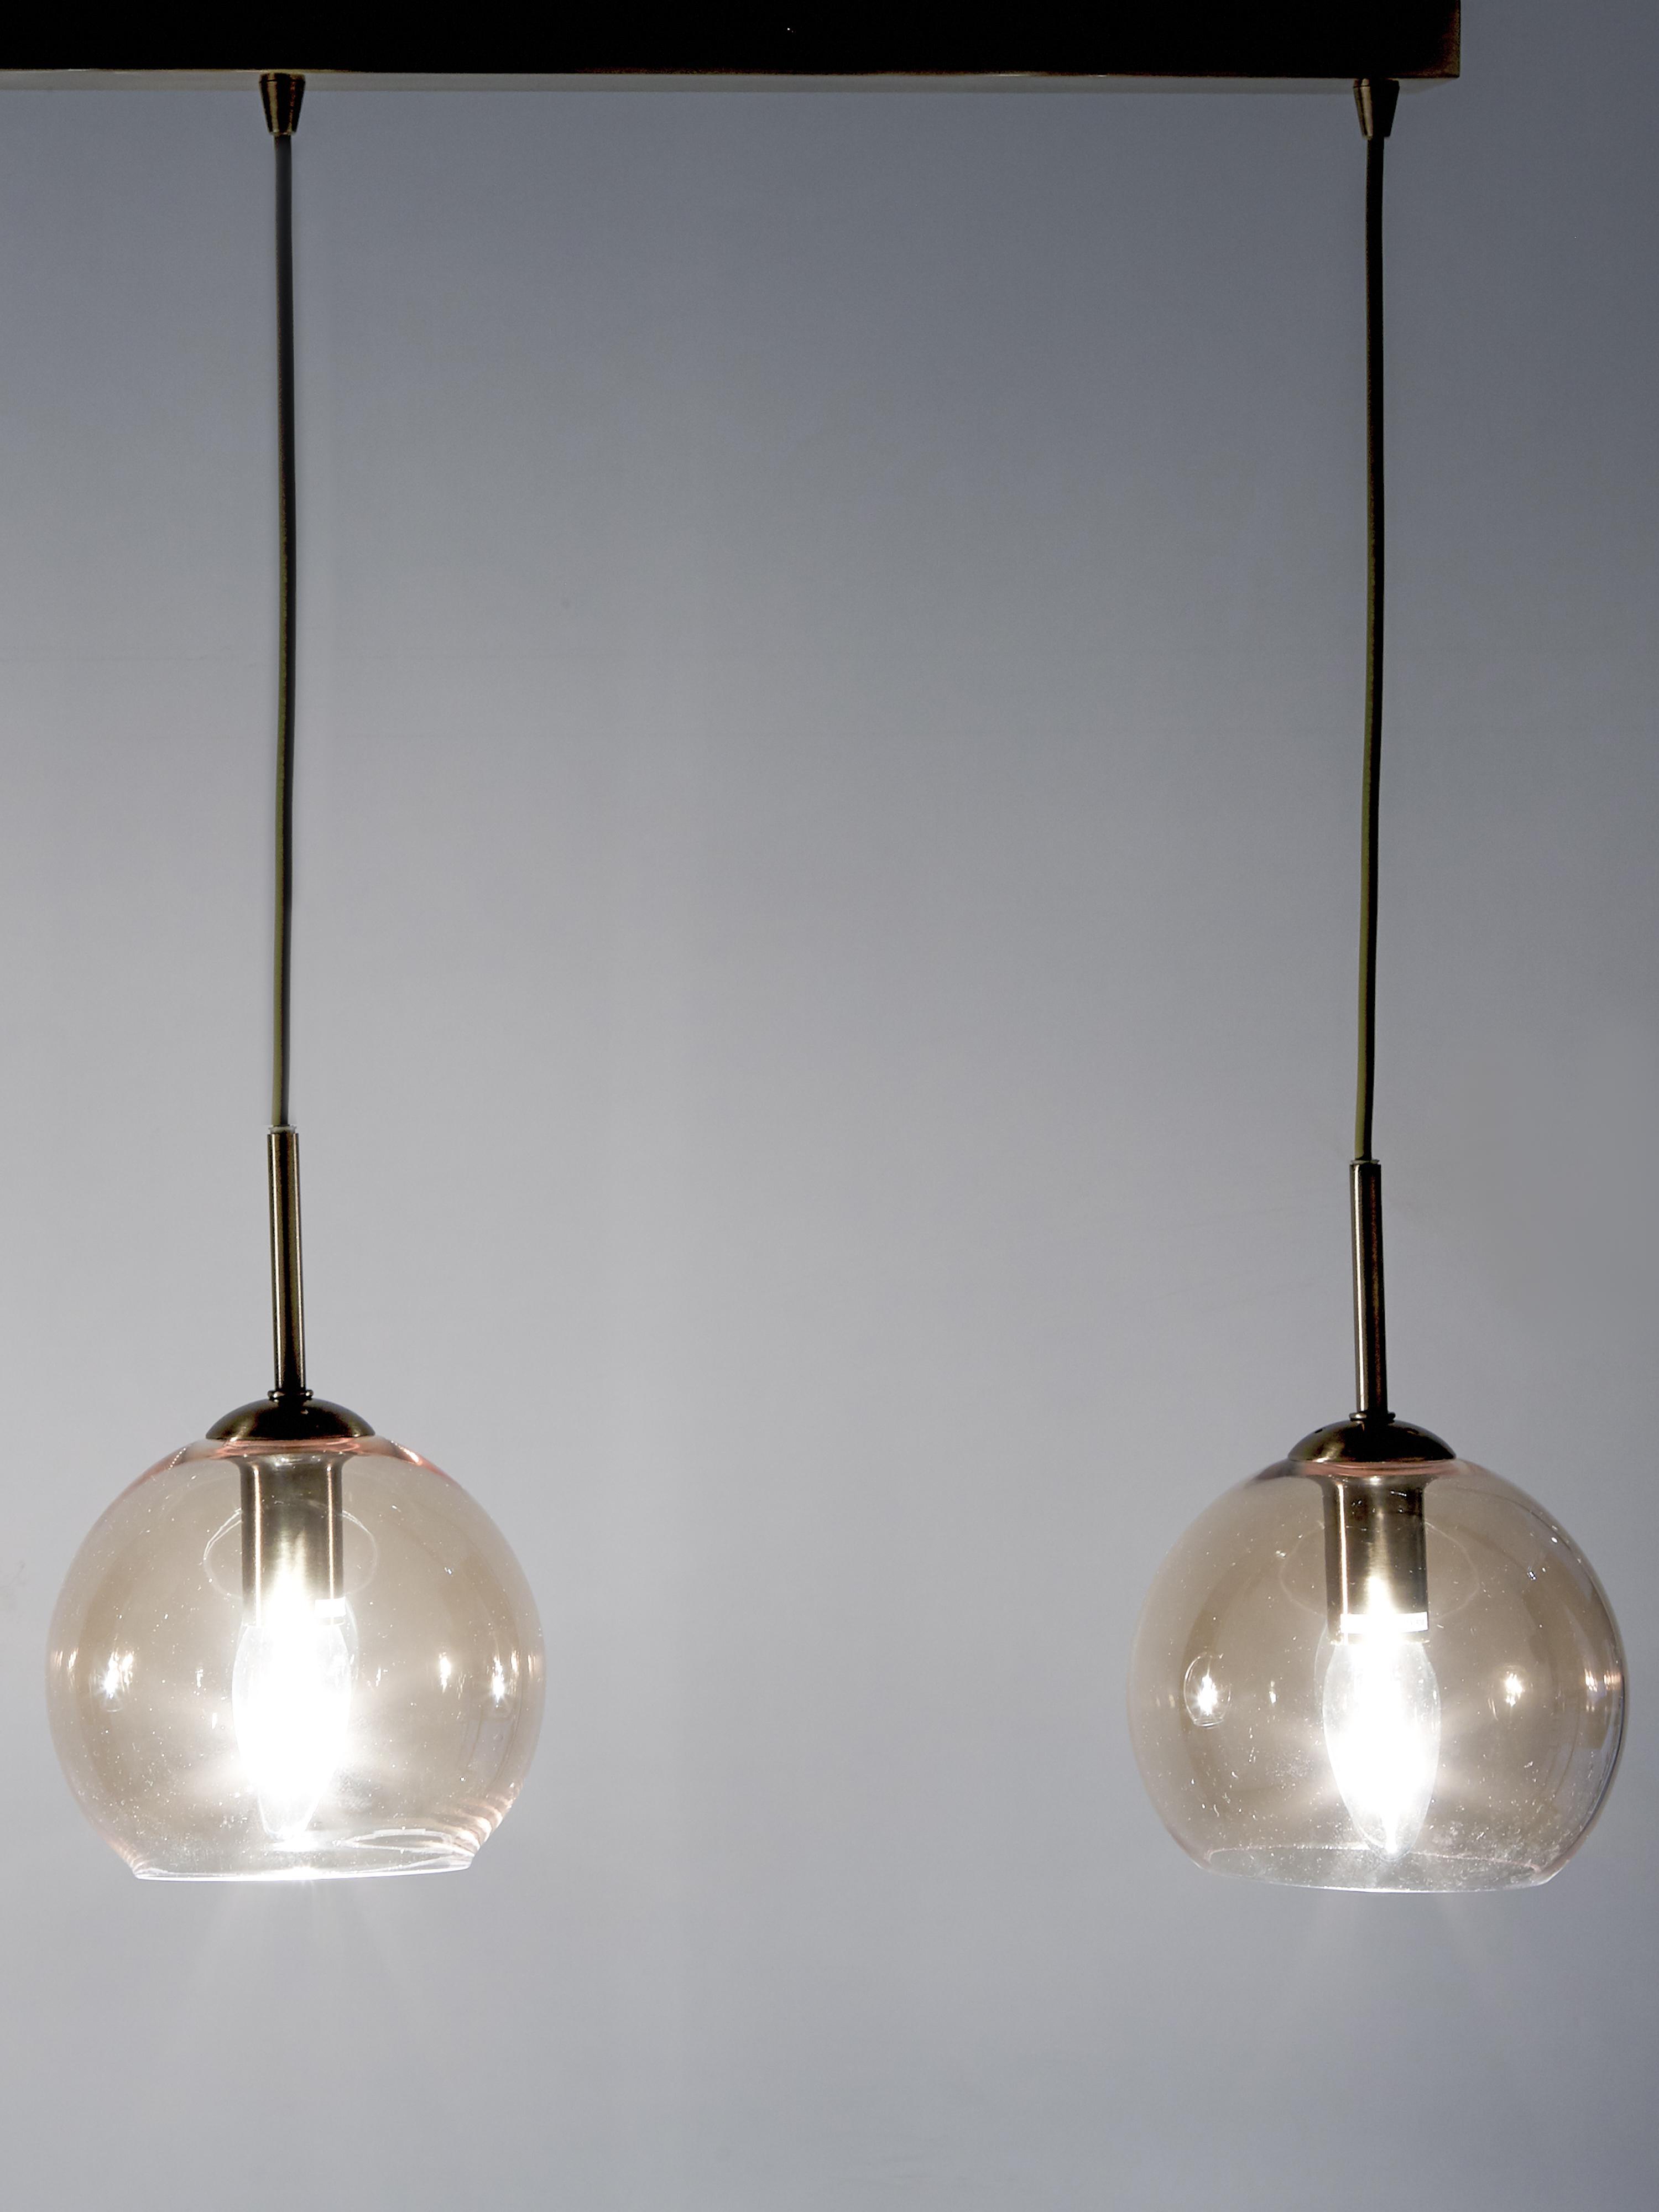 Lampa wisząca Hamilton, Odcienie bursztynowego, S 81 x G 15 cm